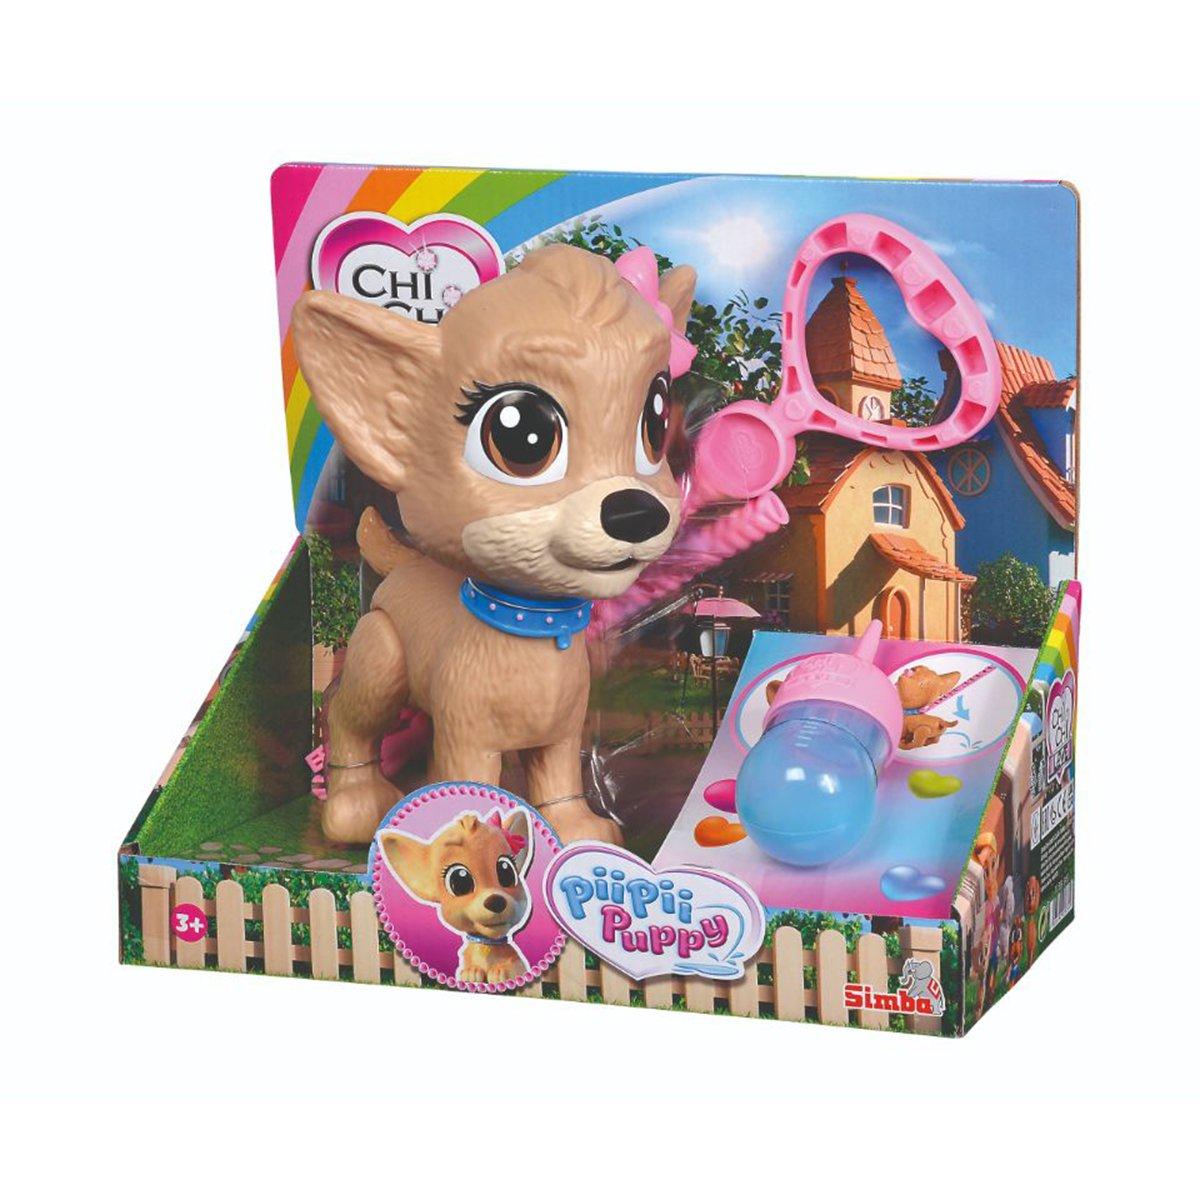 Catelusul Chi Chi Love, Pii Pii Puppy cu accesorii